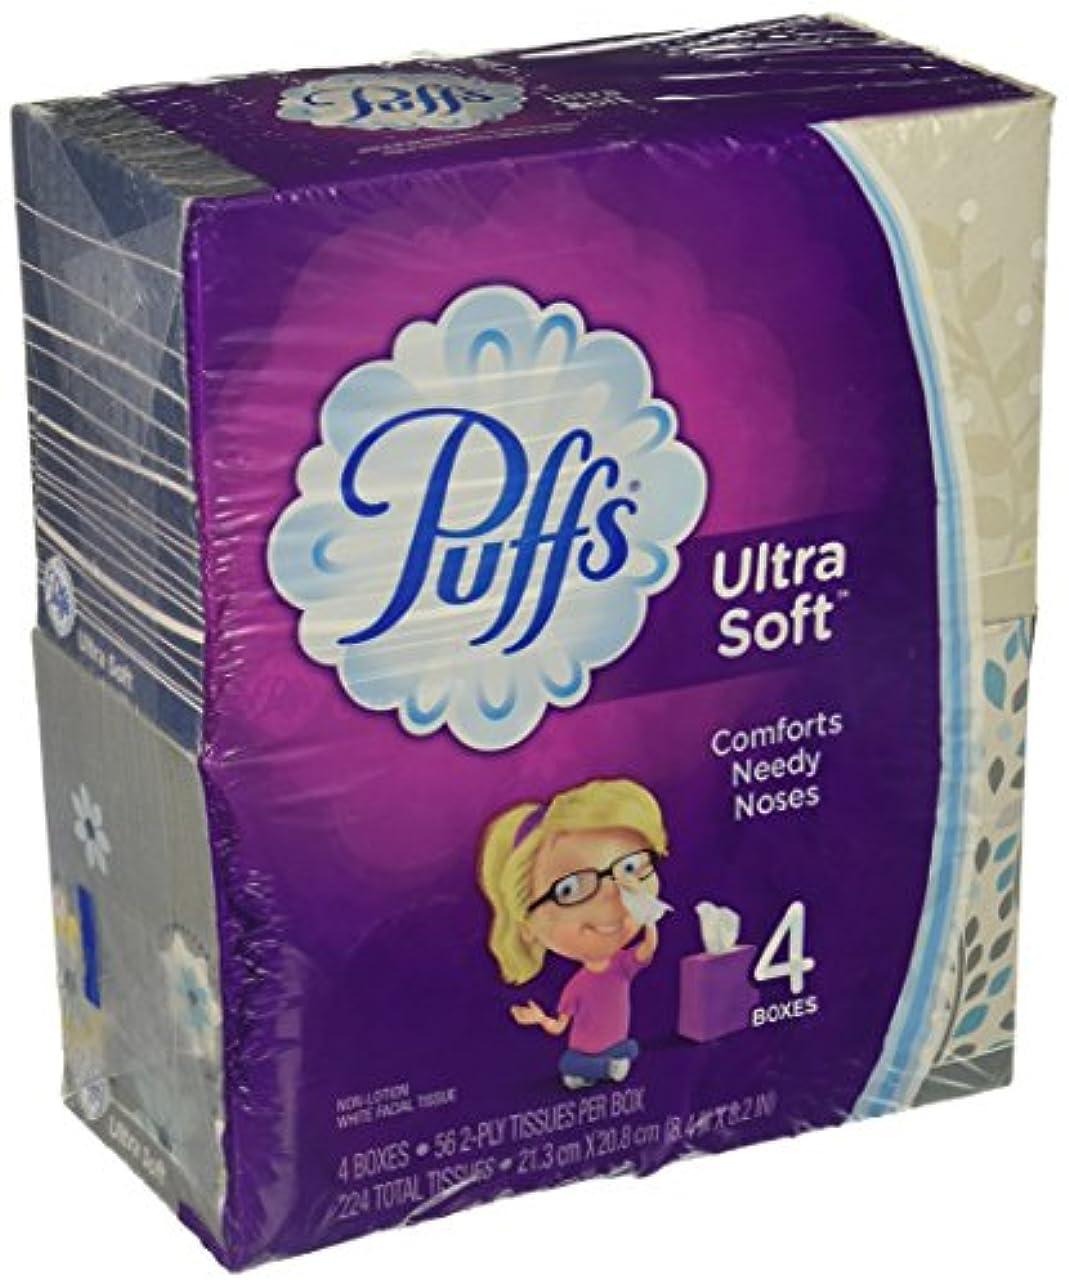 そのワックス司法Puffs ウルトラソフト&強力フェイシャルティッシュ 4 pack (224 tissues total) WMT-17173945